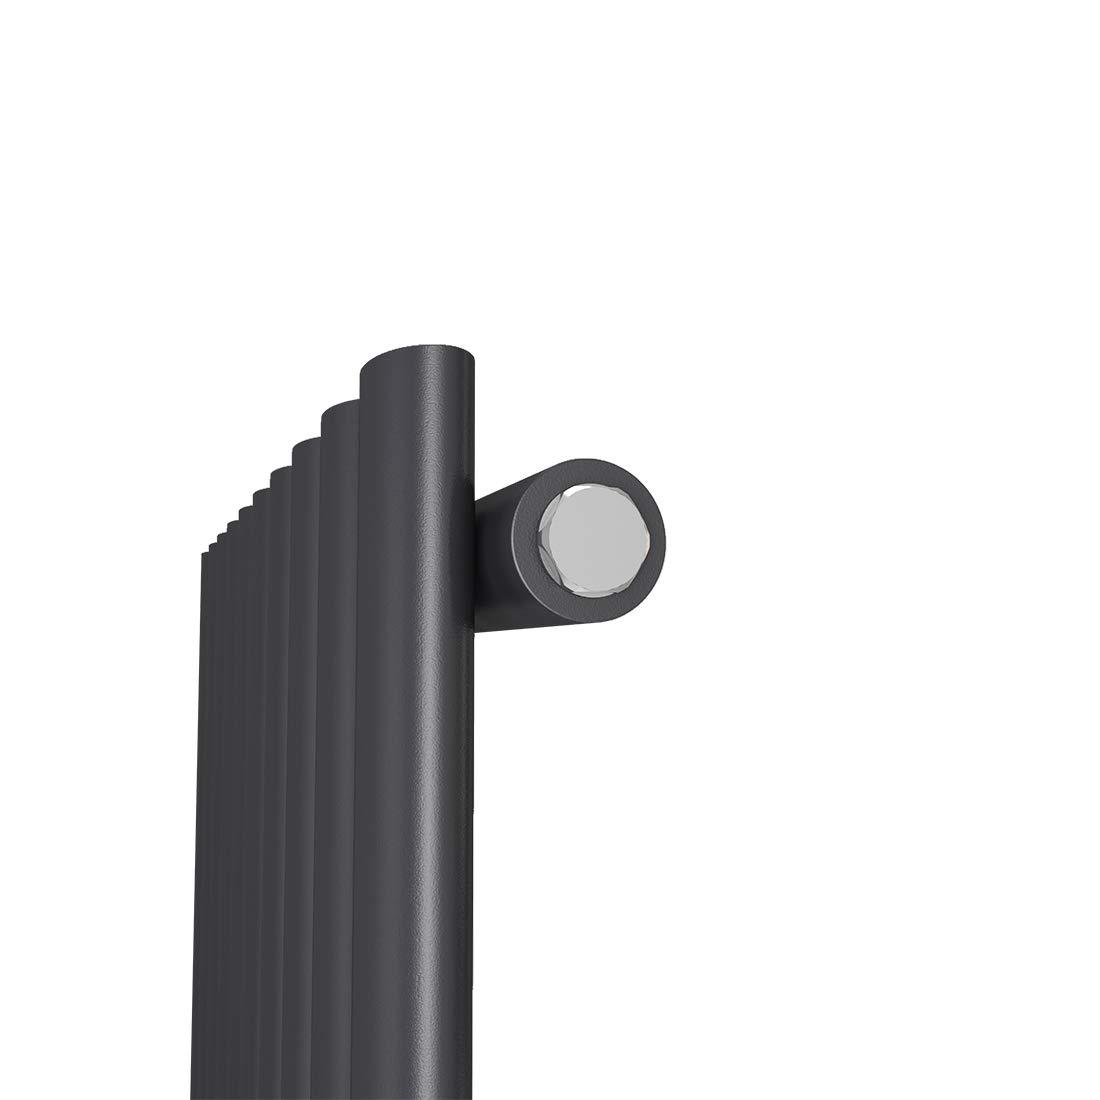 Heizk/örper Design-Heizk/örper Ovale Form Wei/ß Vertikal 1600x480mm Heizung 1629W Mittelanschluss Doppellagig